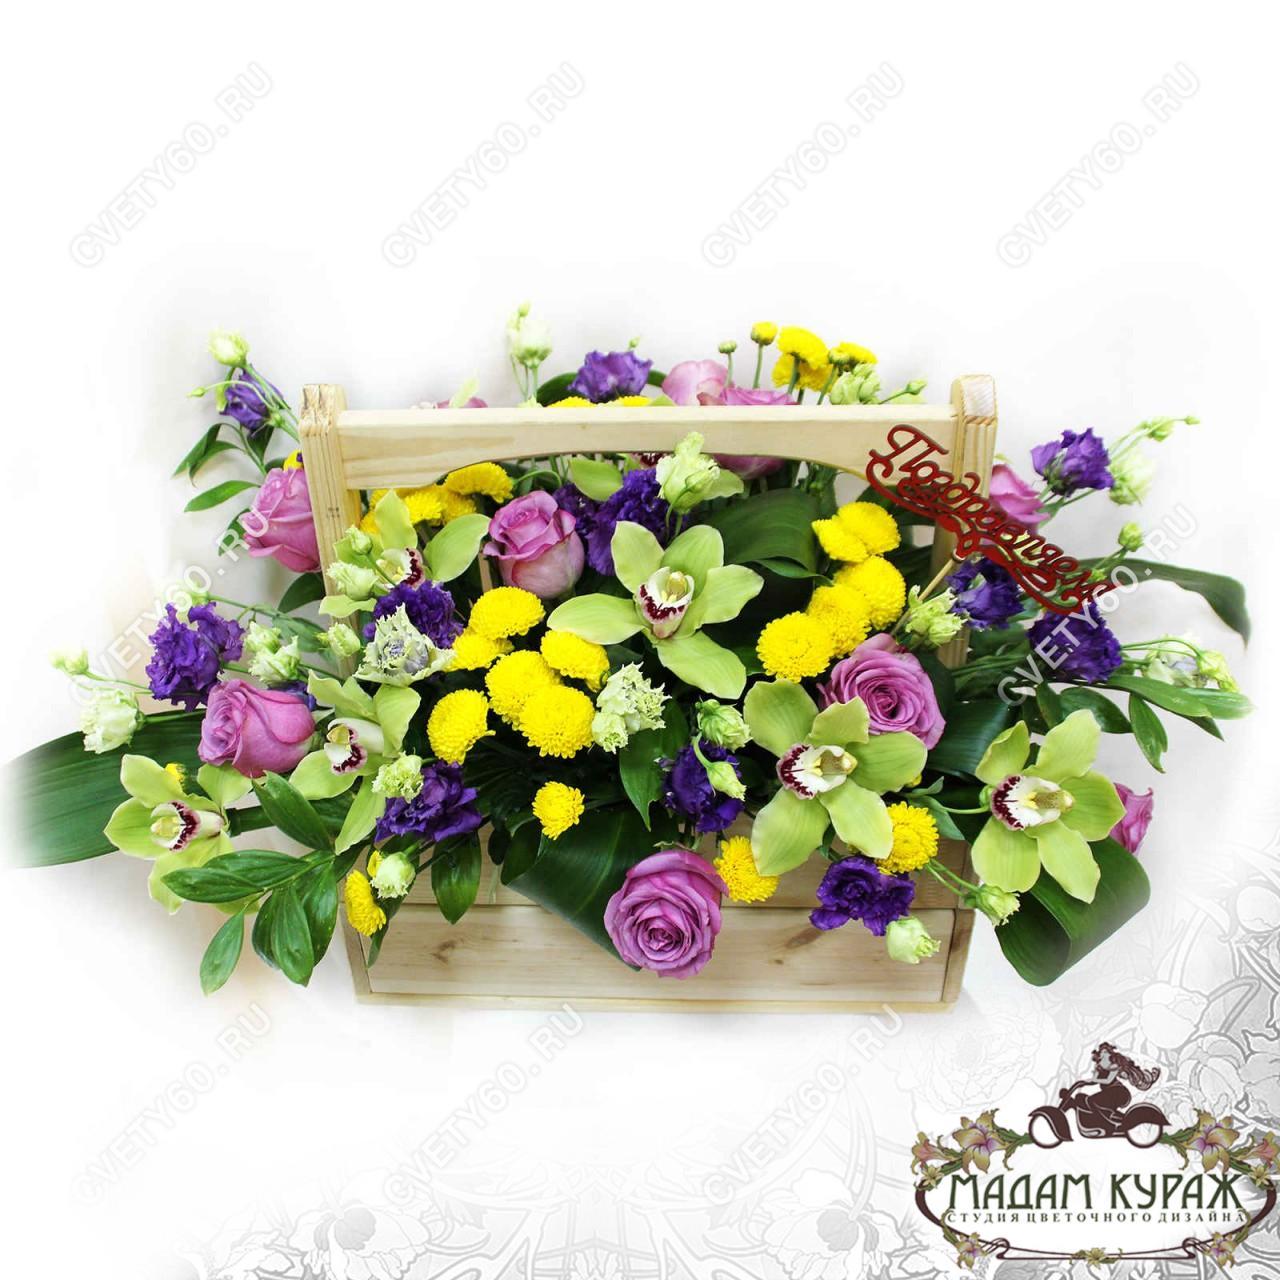 Праздничная композиция в ящичке Псков Доставка цветов и подарков